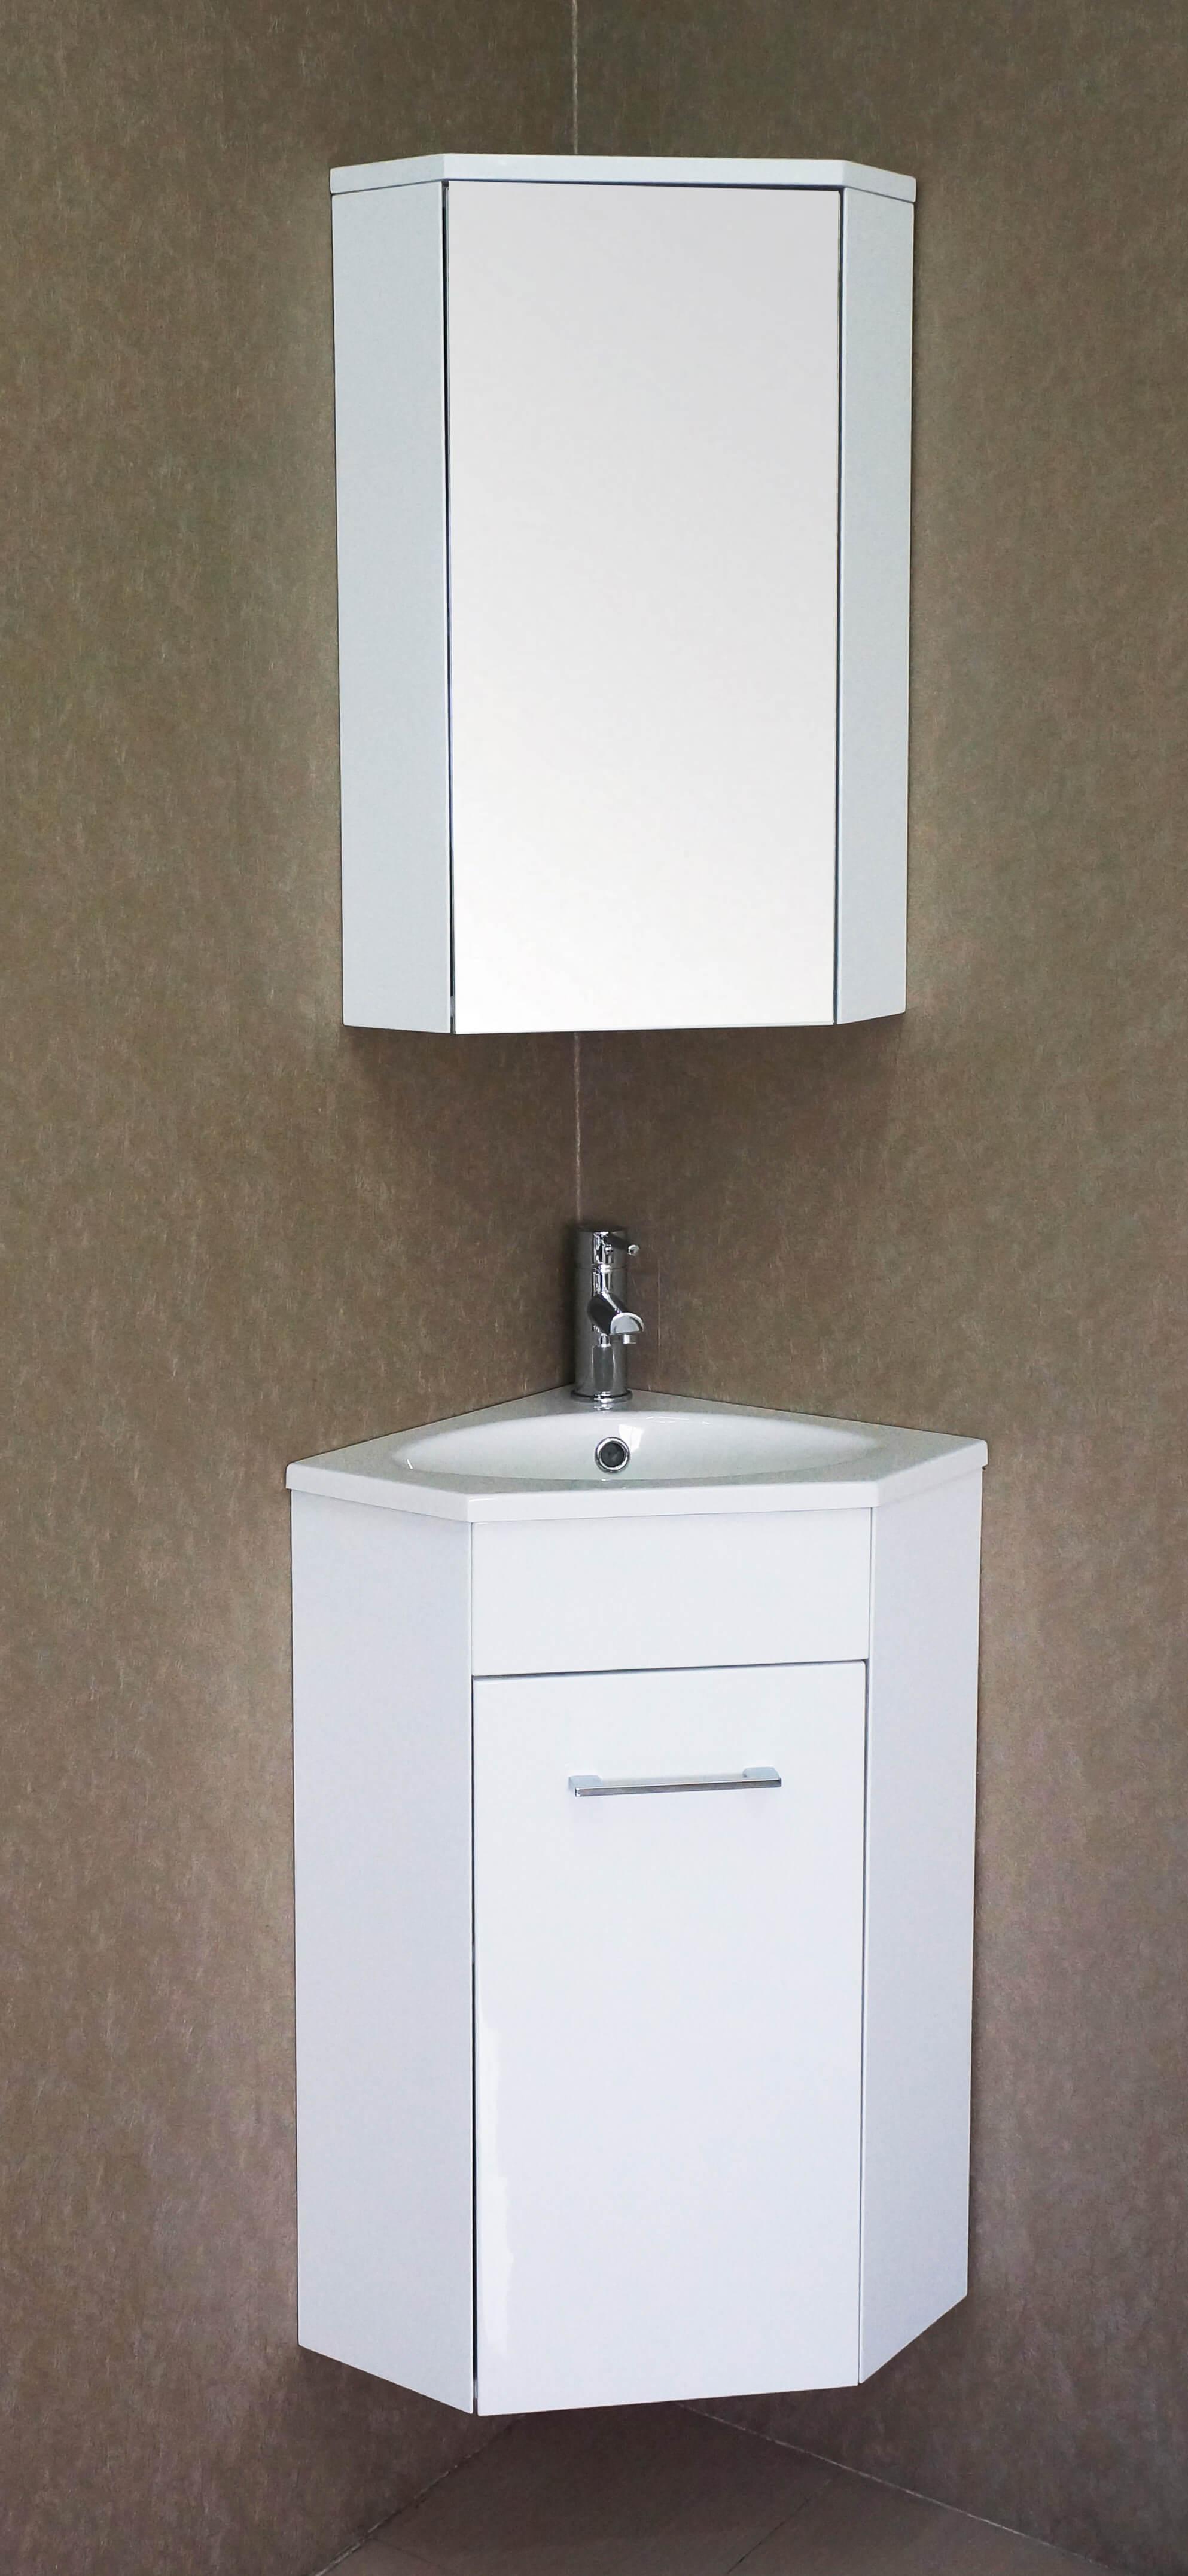 florence 16 inch corner vanity glossy white v8013 16 01